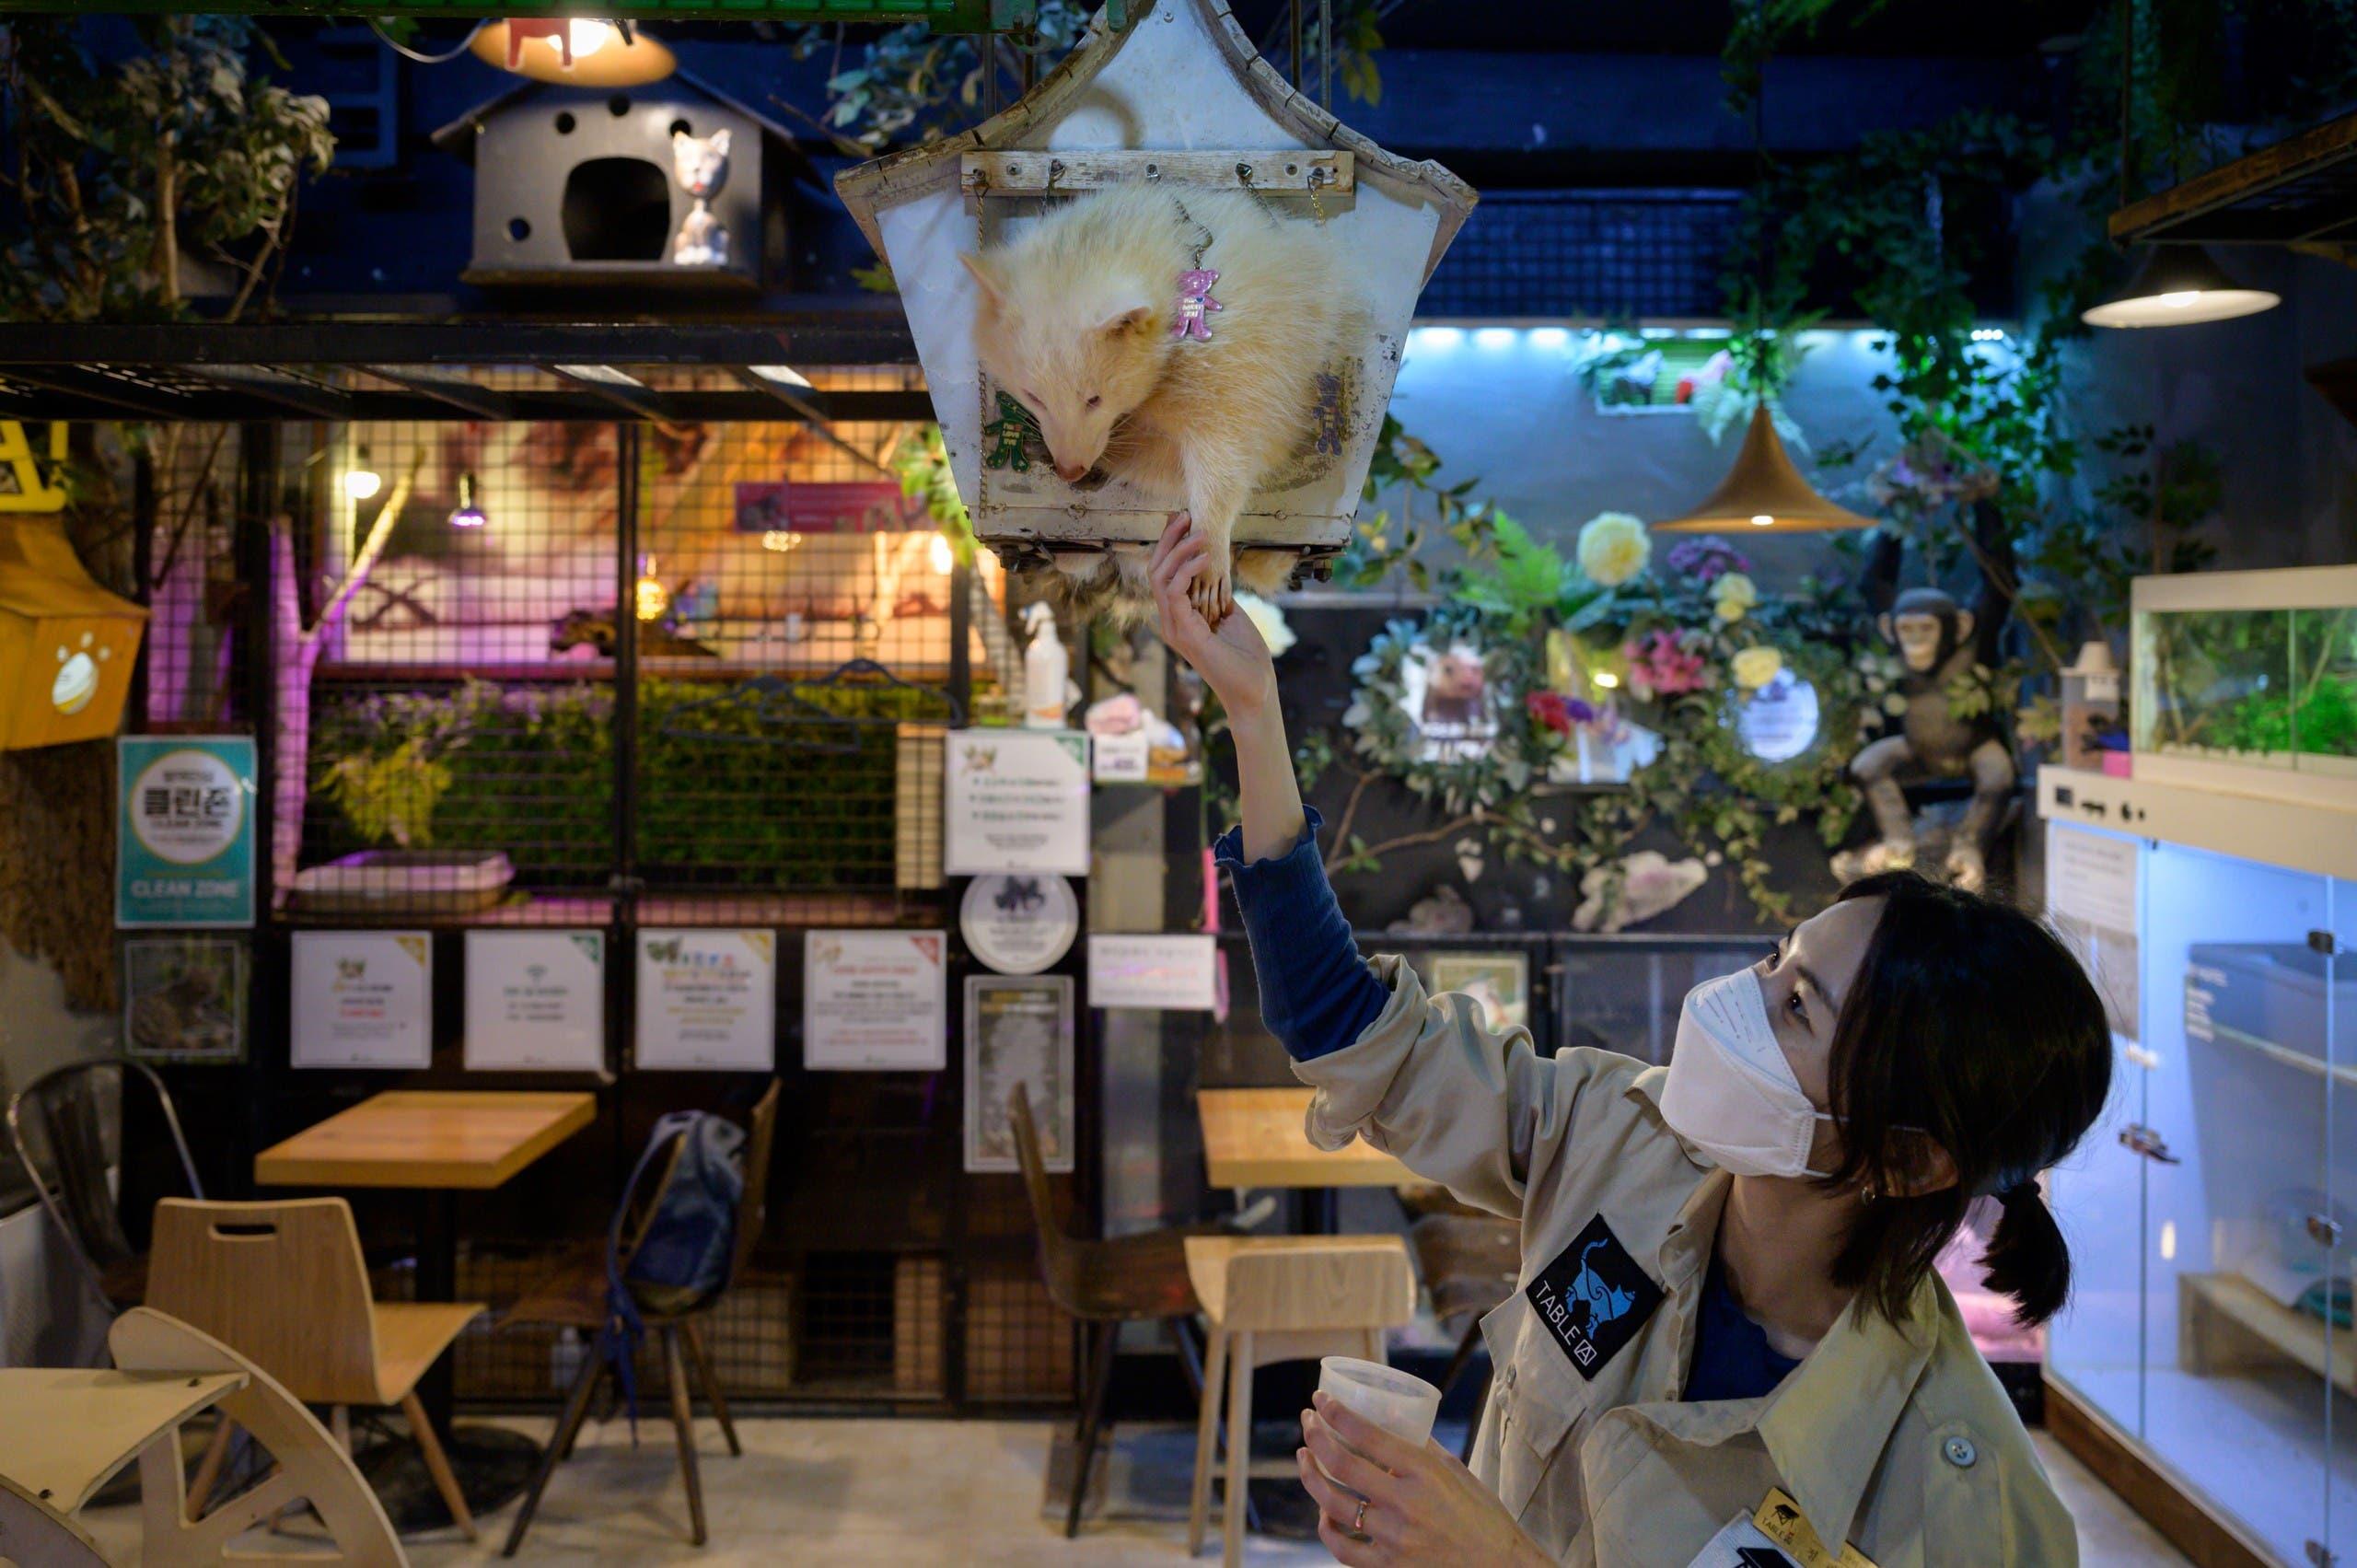 عاملة تداعب أحد الحيوانات البرية في مقى للحيوانات فارغ من الزبائن في كوريا